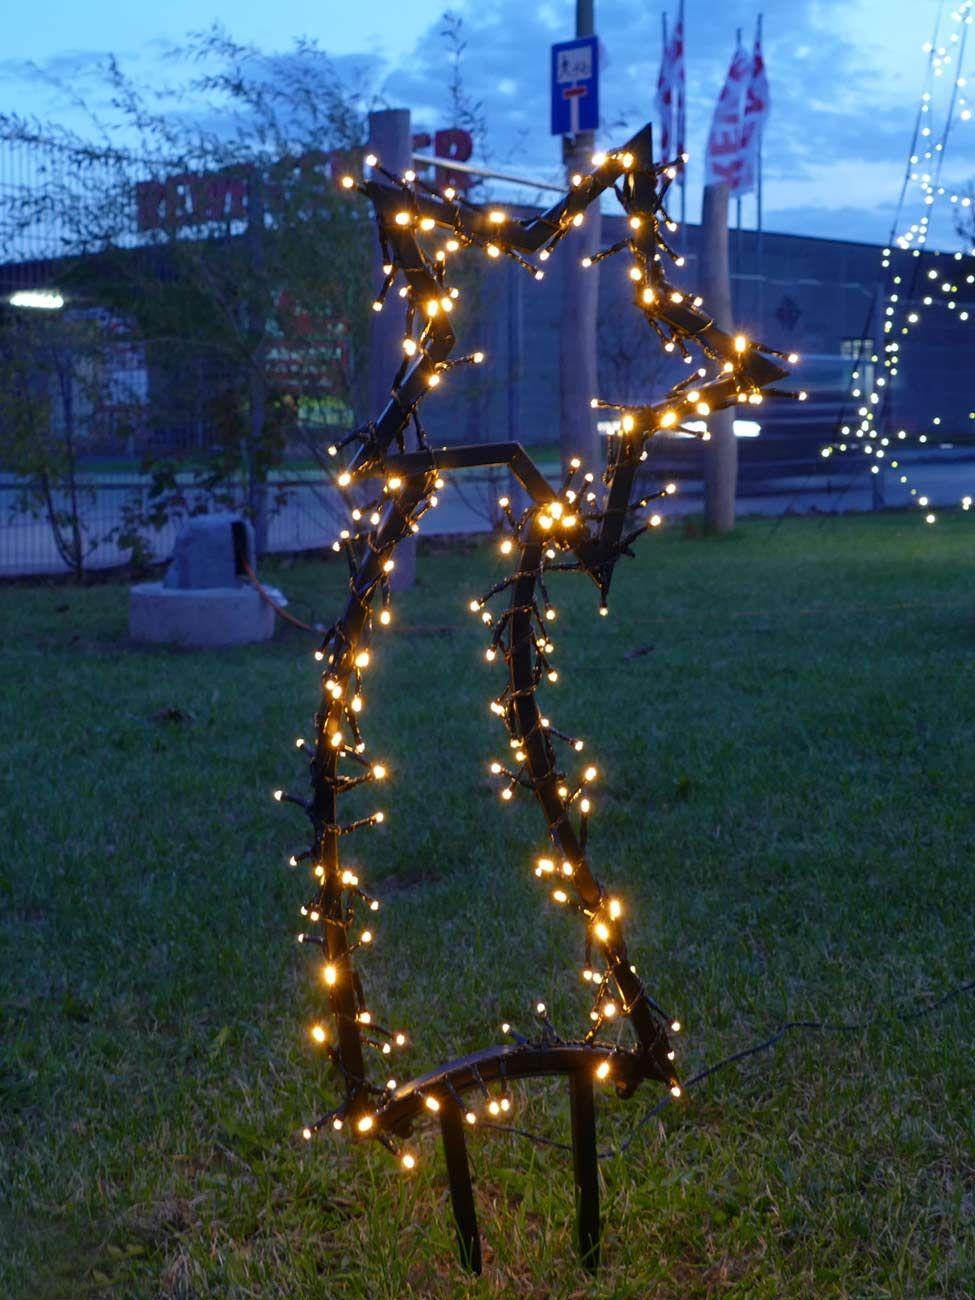 Weihnachtsbeleuchtung Figuren Led.Gartenmotive Stern Komet Weihnachtsbeleuchtung Figur Aus